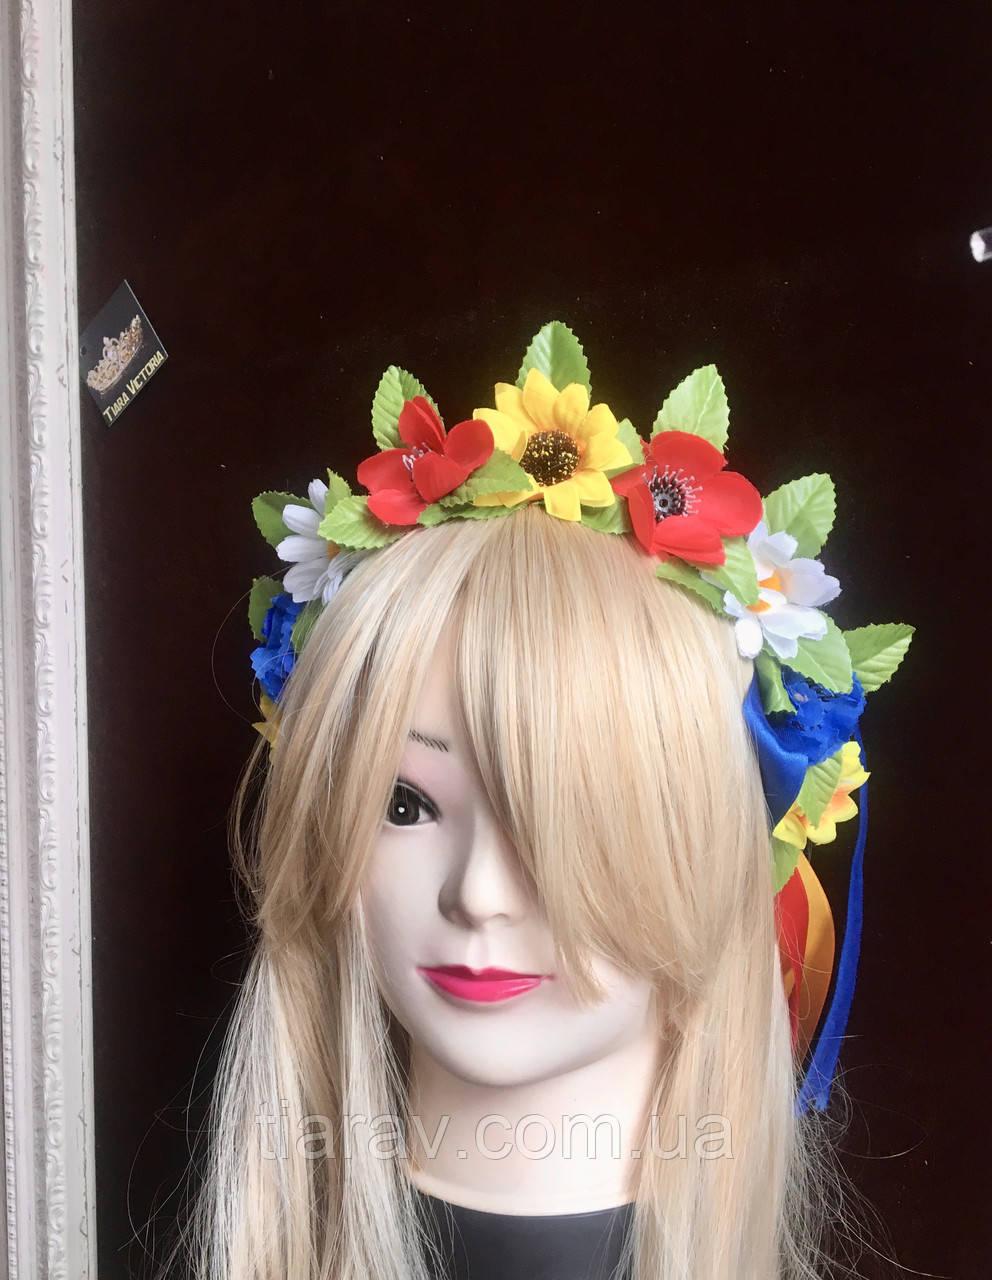 Вінок на голову український, віночок з квітів